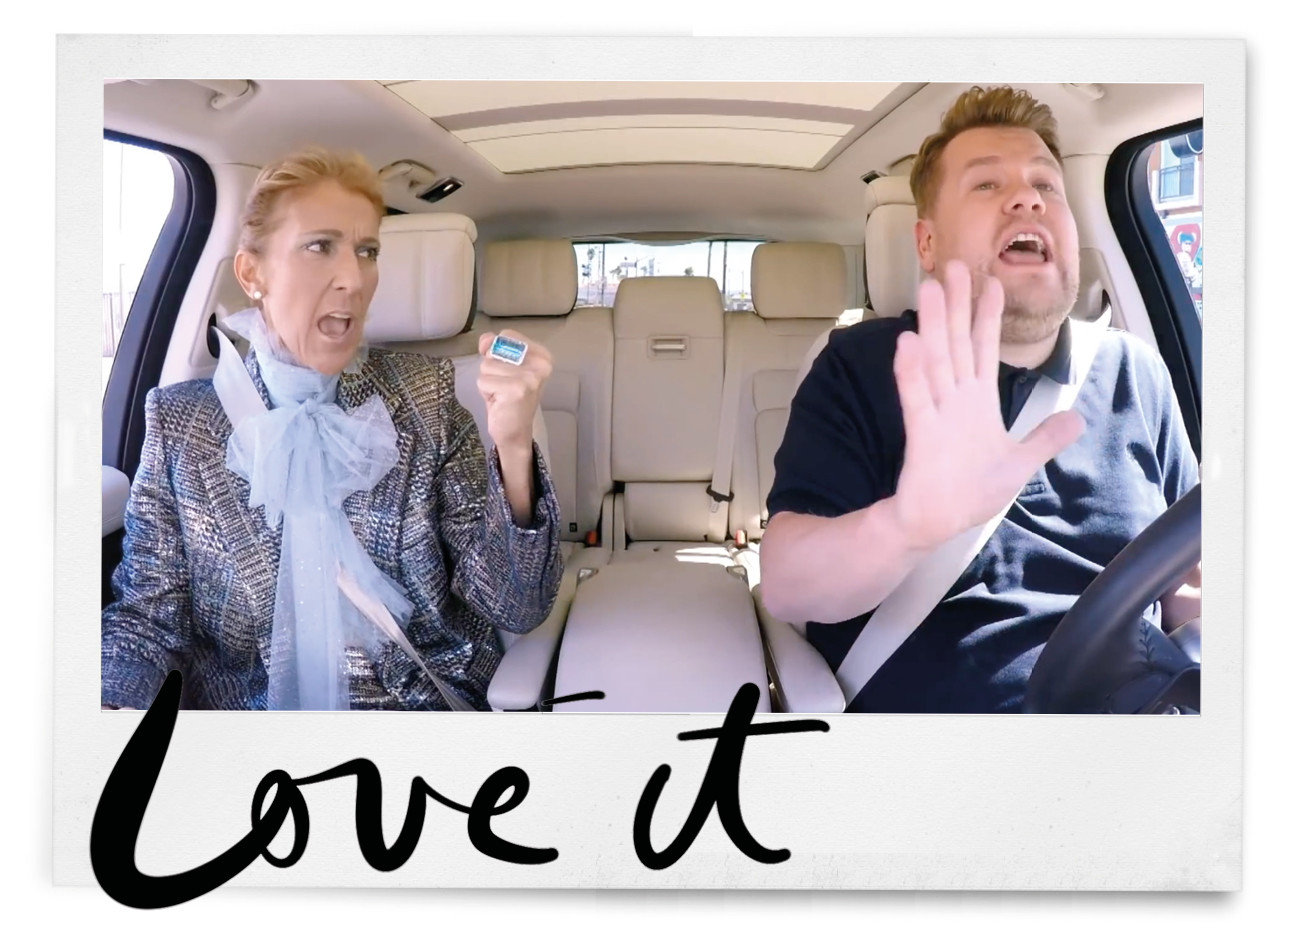 celine dion en james cordon in de auto aan het zingen voor de carpool karaoke video